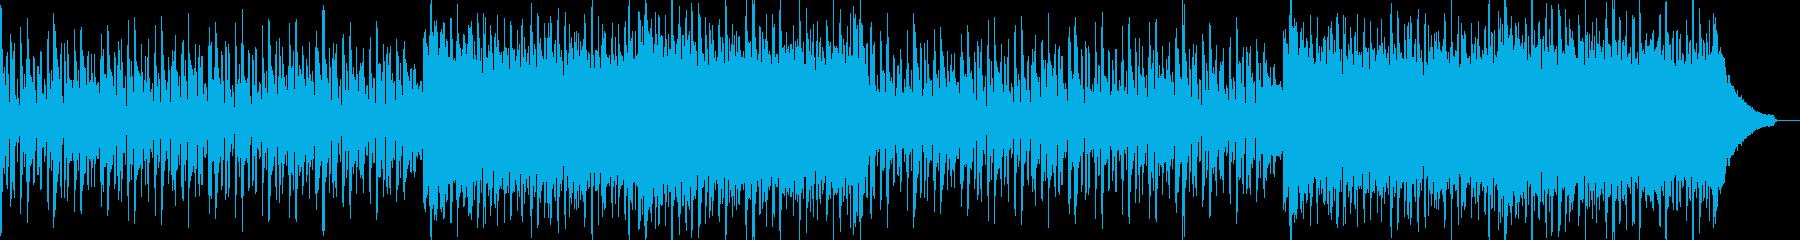 企業VPや映像46、壮大、オーケストラaの再生済みの波形